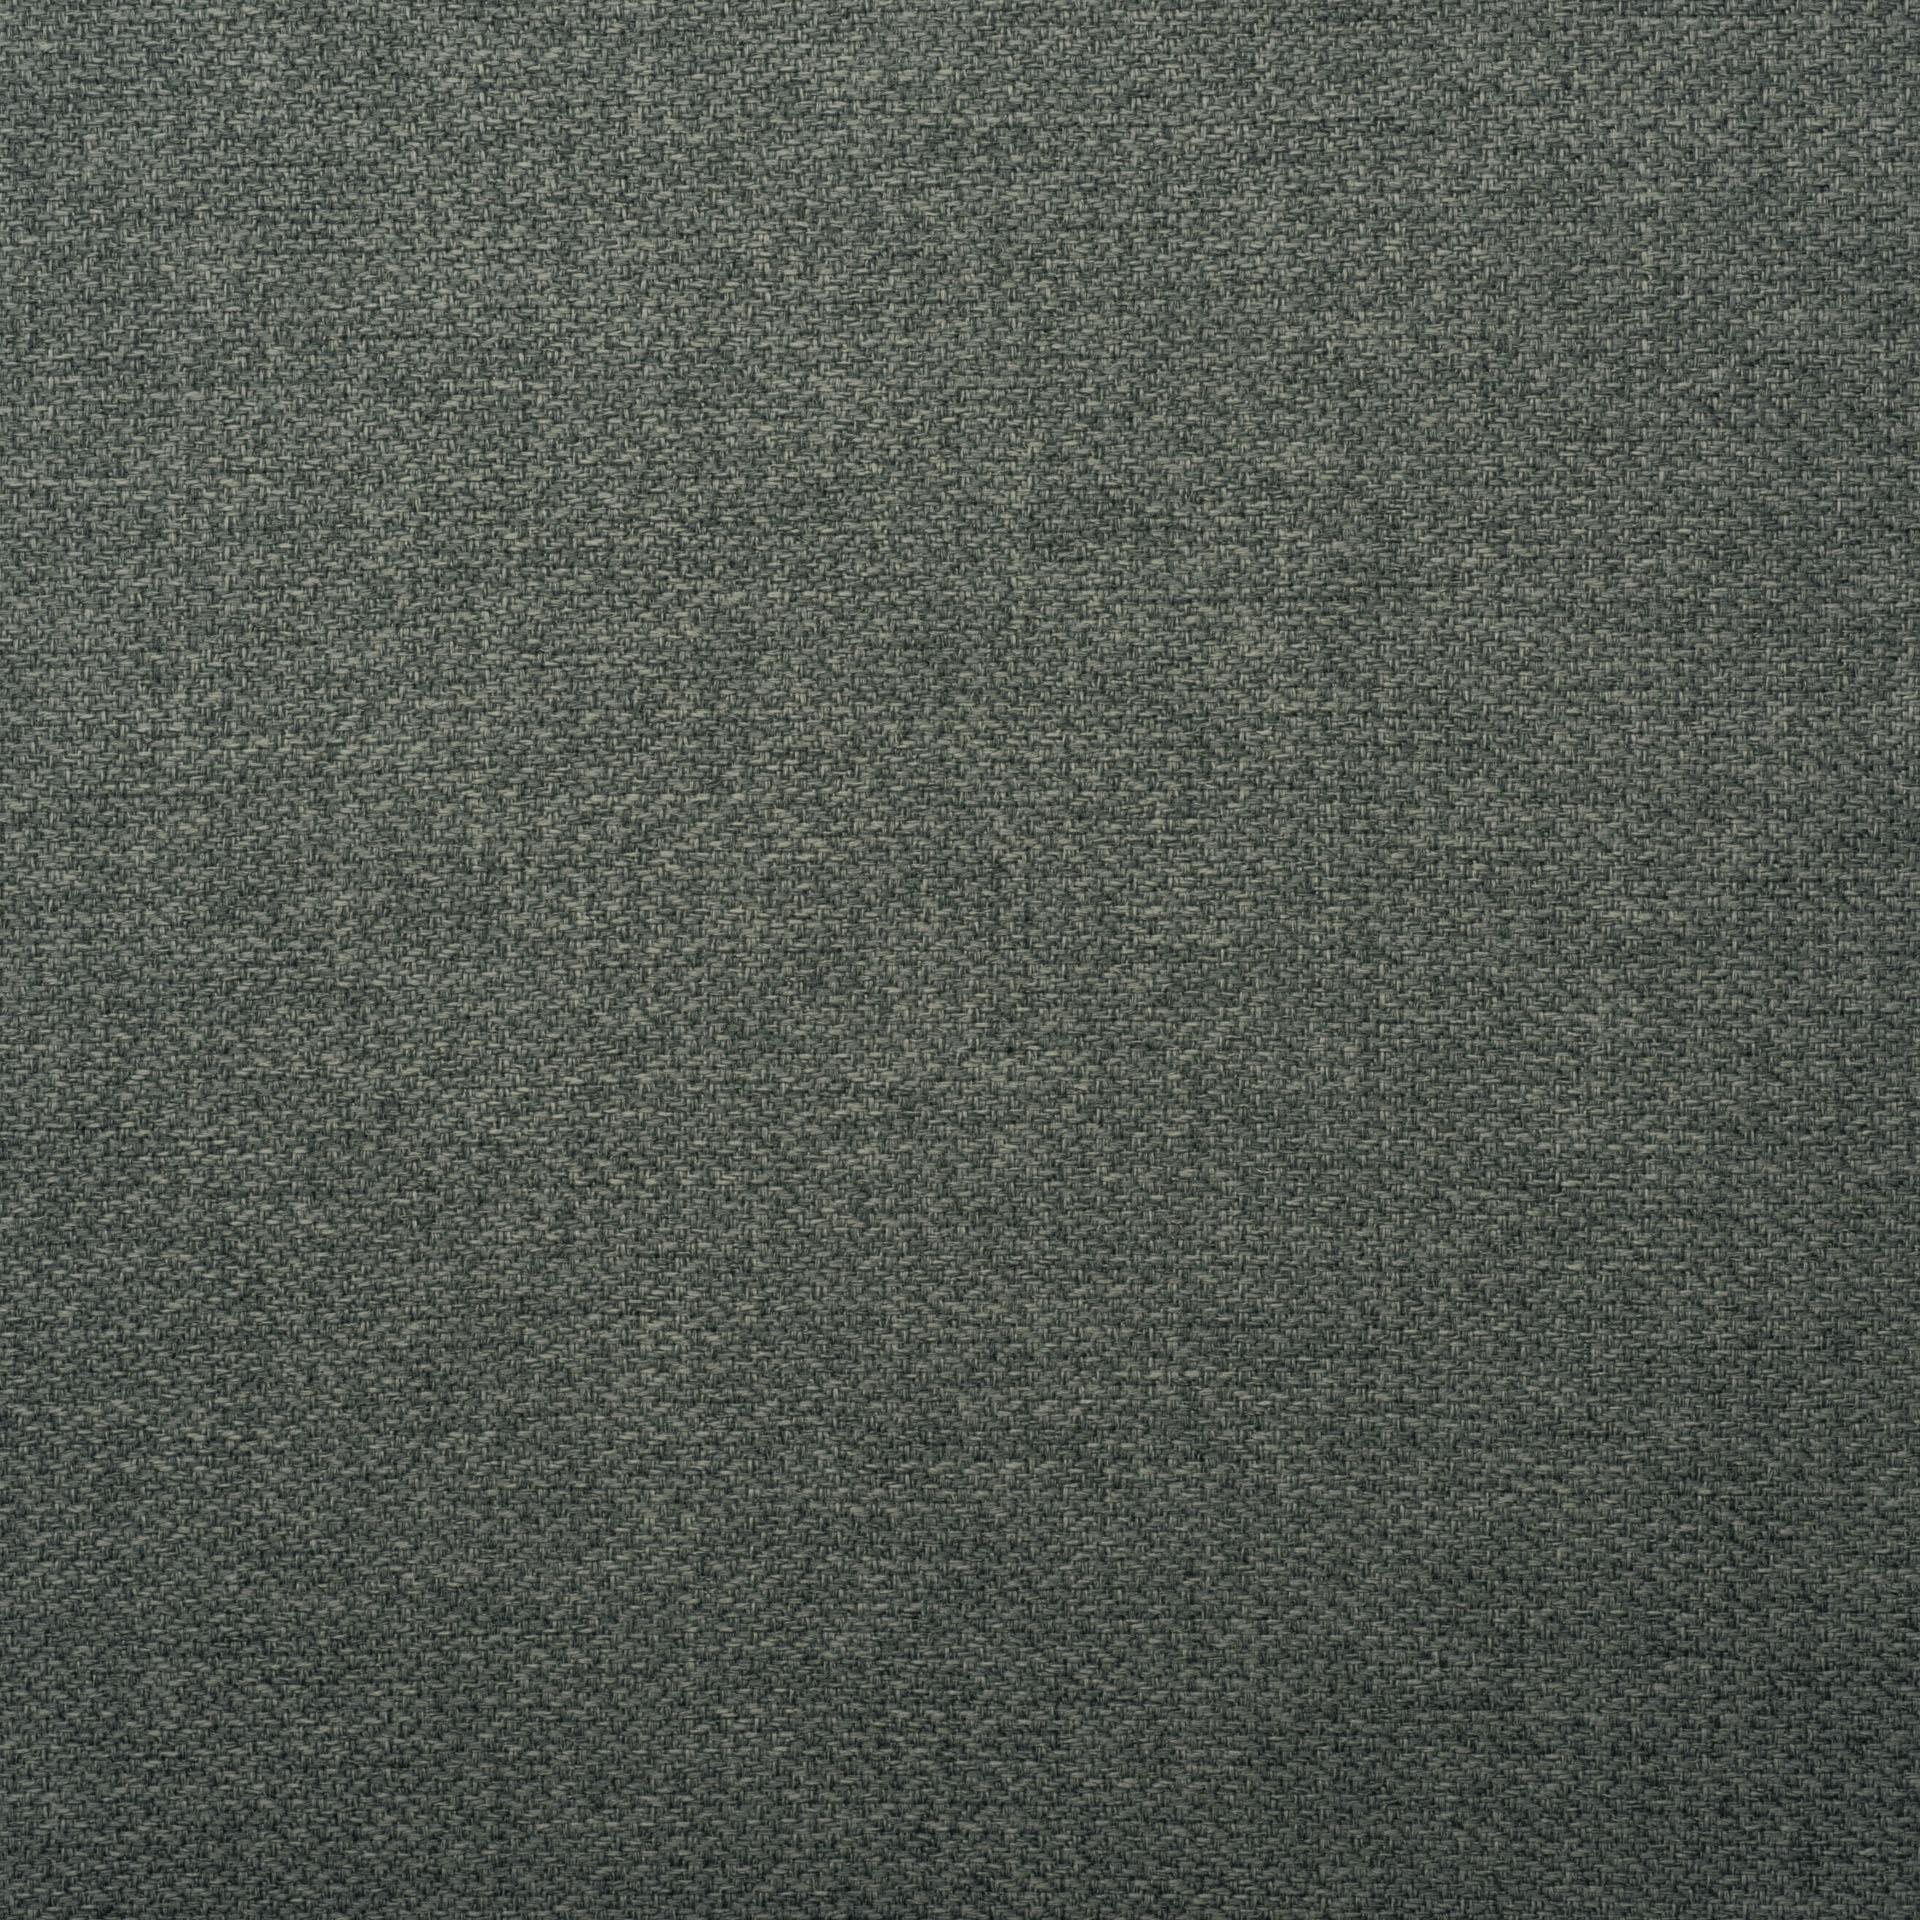 Коллекция ткани Мальмо CADETBLUE 72,  купить ткань Жаккард для мебели Украина